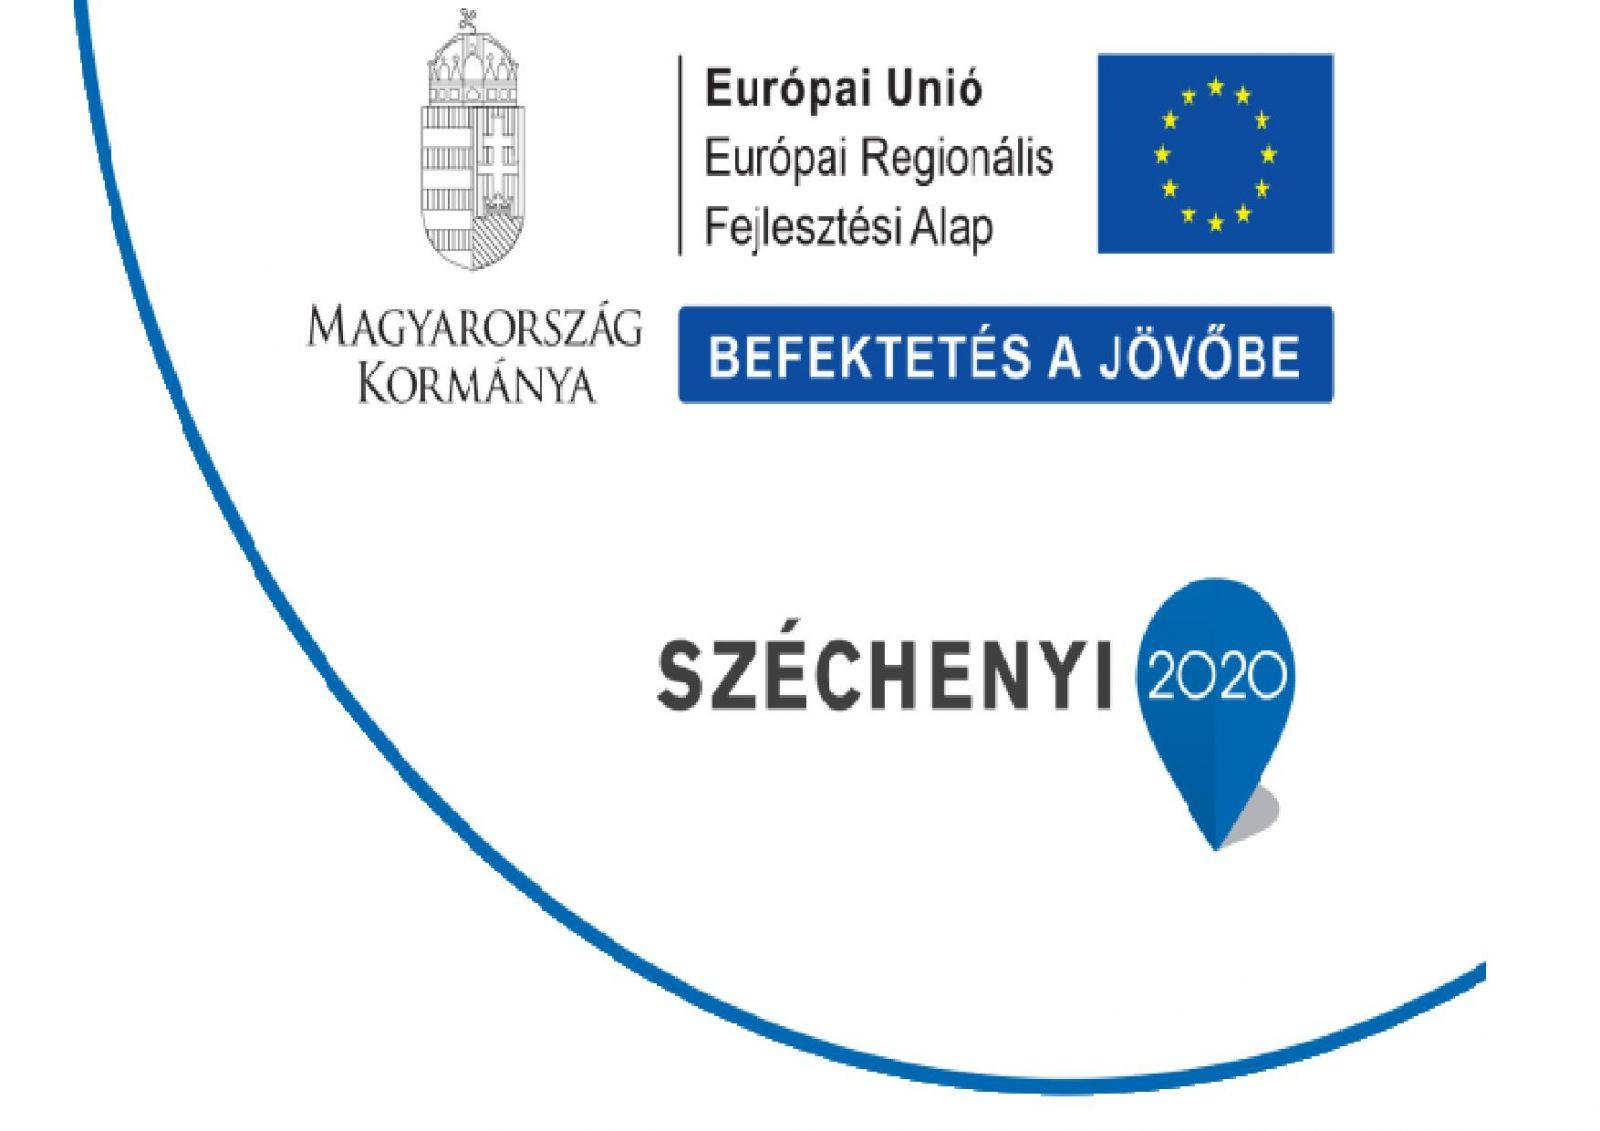 Kapacitásbővítő beruházás valósult meg az Európai Unió támogatásával